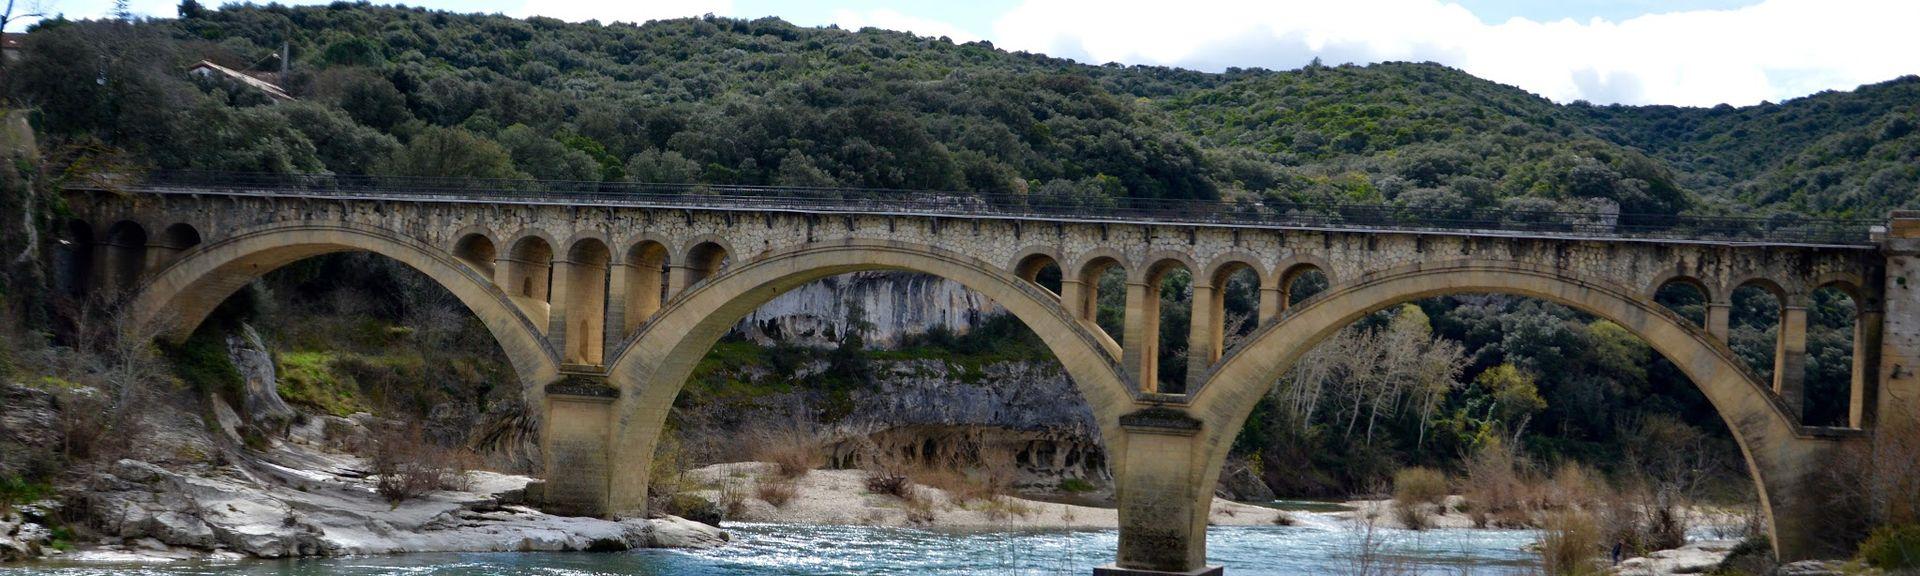 Aubussargues, Gard, France